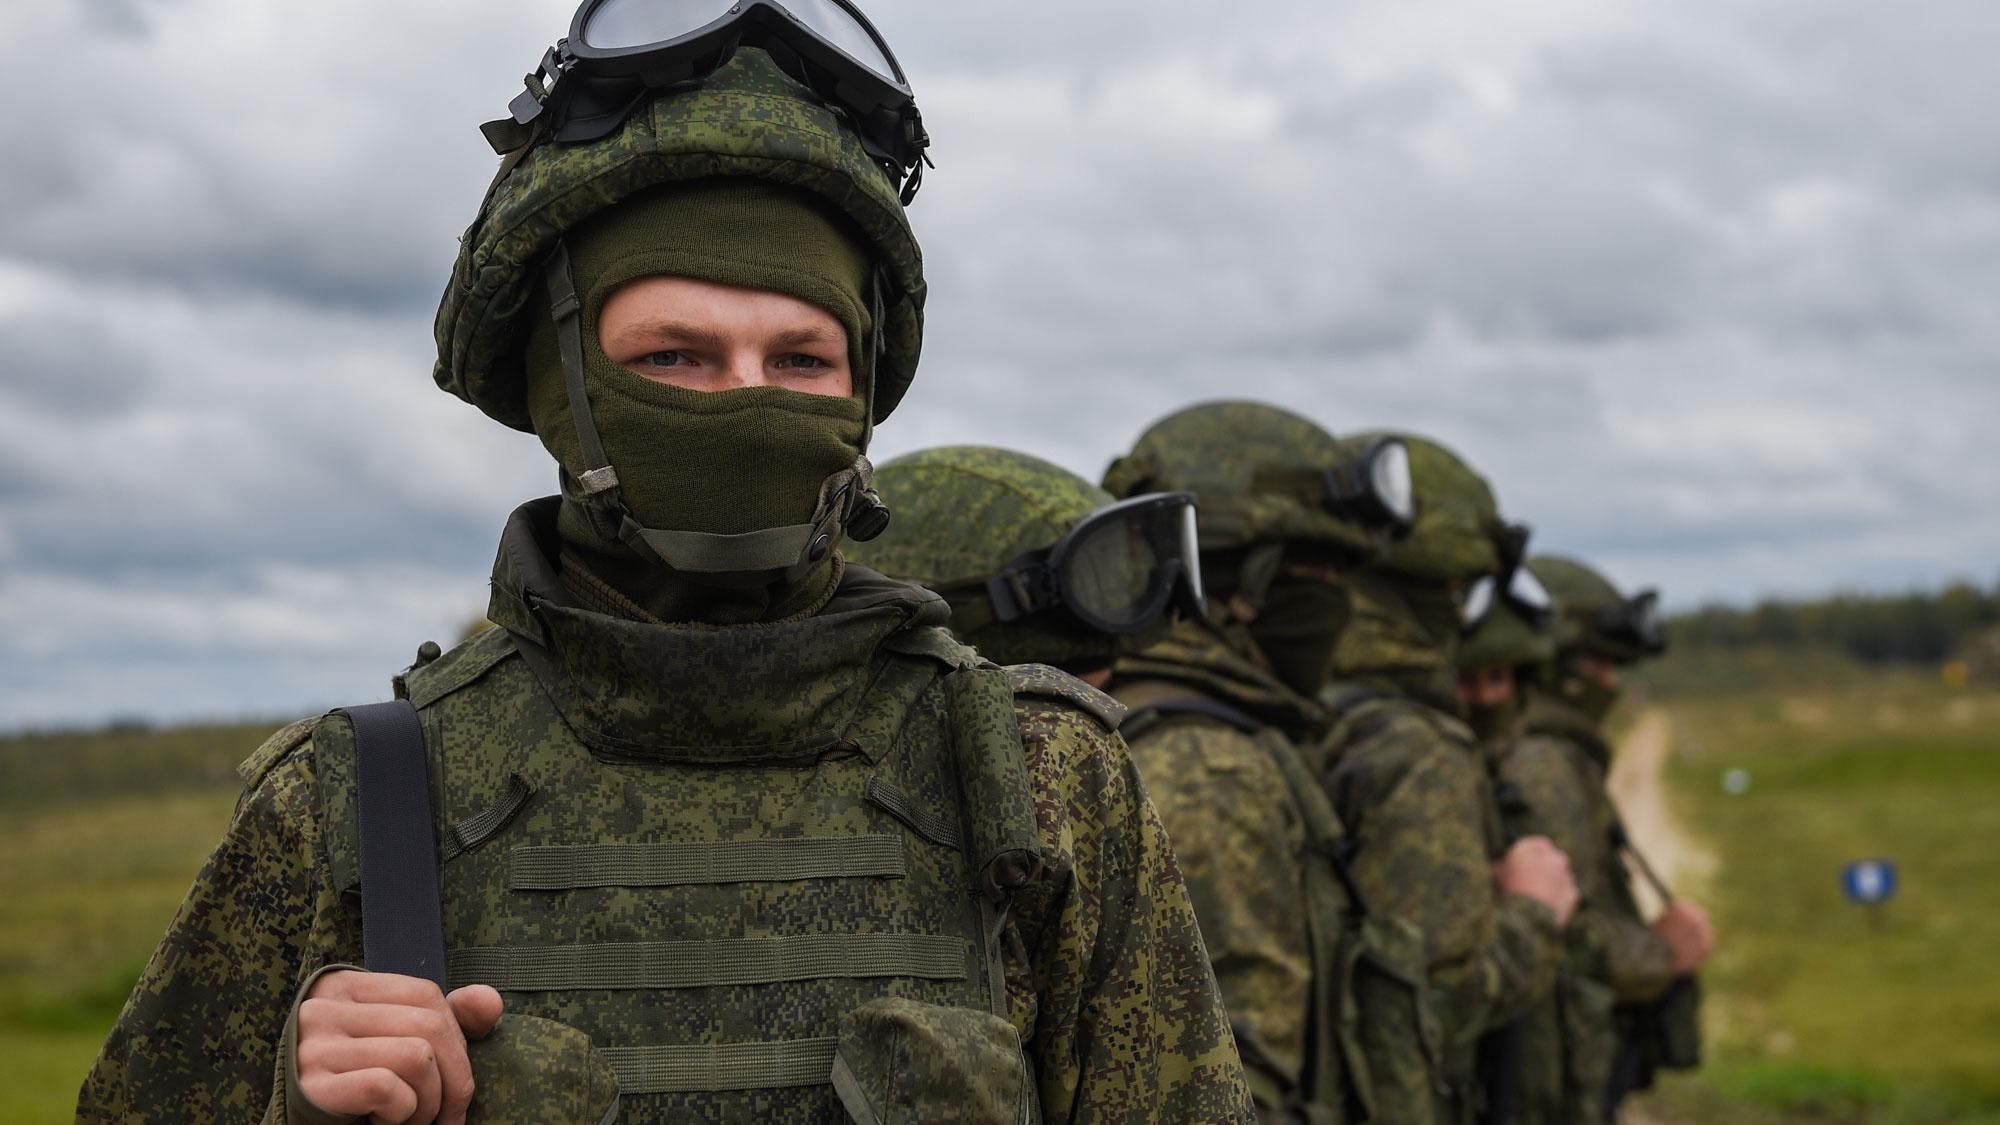 Россия наращивает силы для обеспечения обороны на западном стратегическом направлении